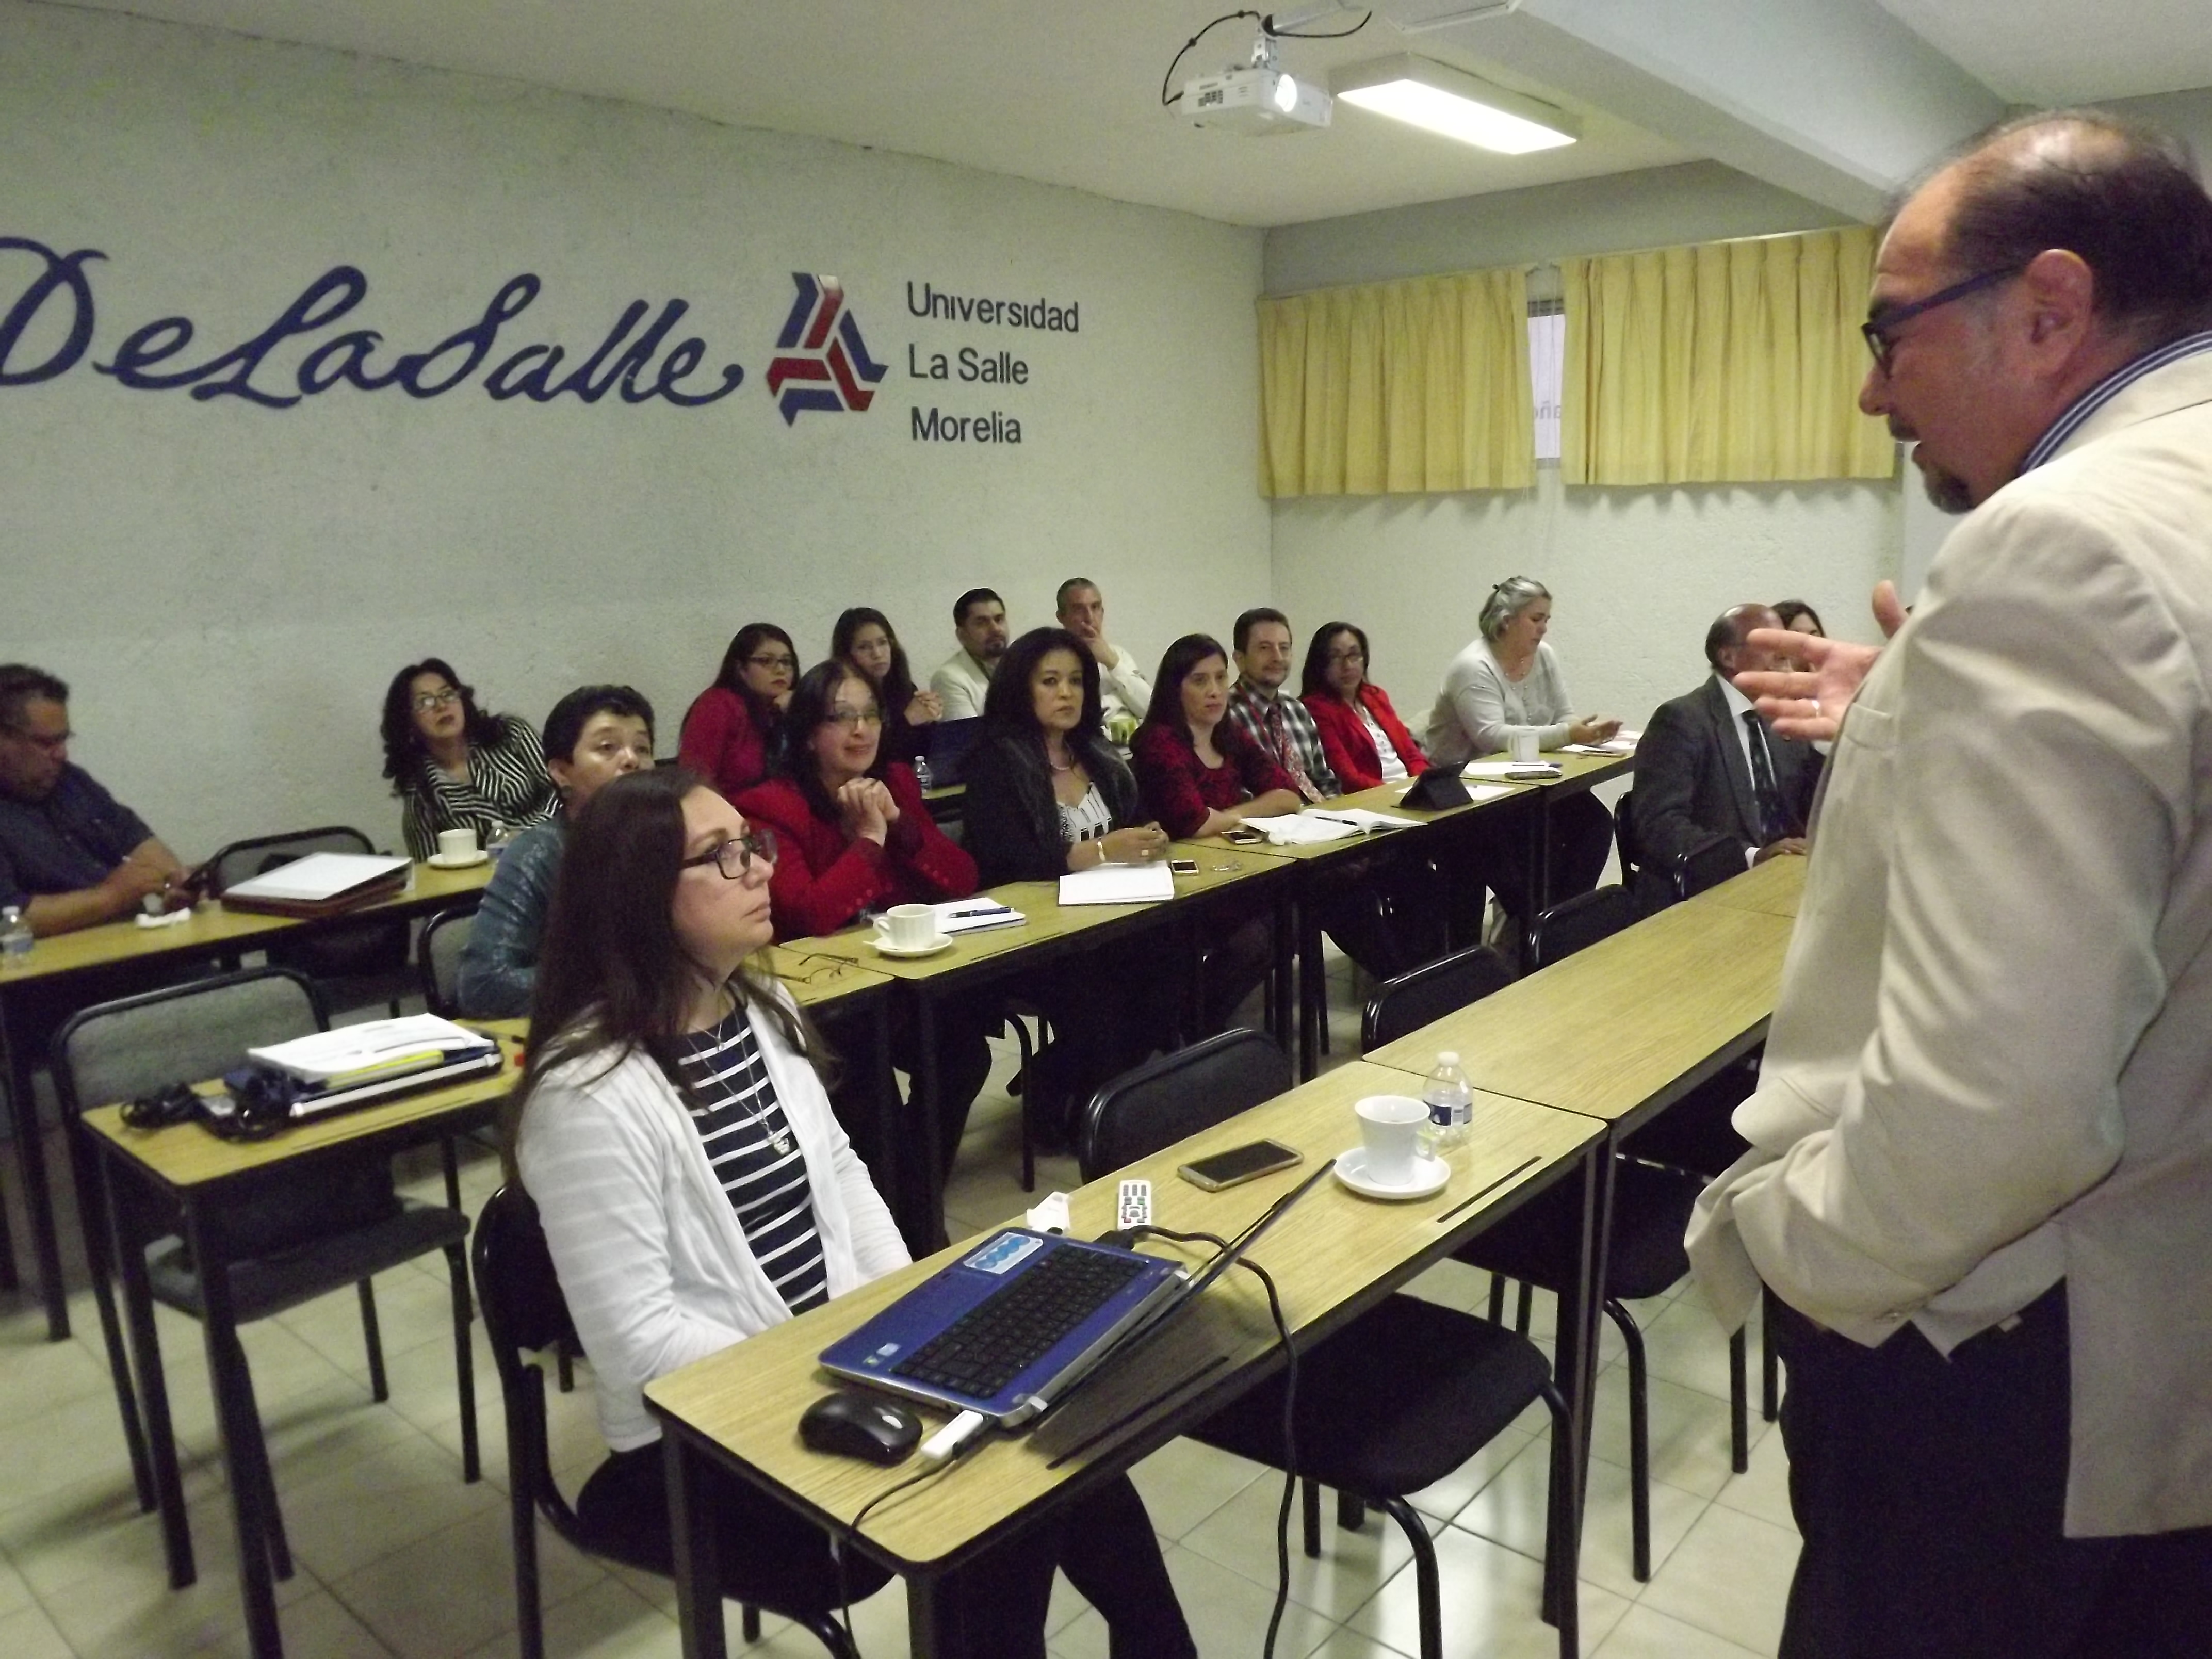 RECIBE LA SALLE MORELIA ASESORÍA DE LA RED DE UNIVERSIDADES LA SALLE PARA LA CALIDAD